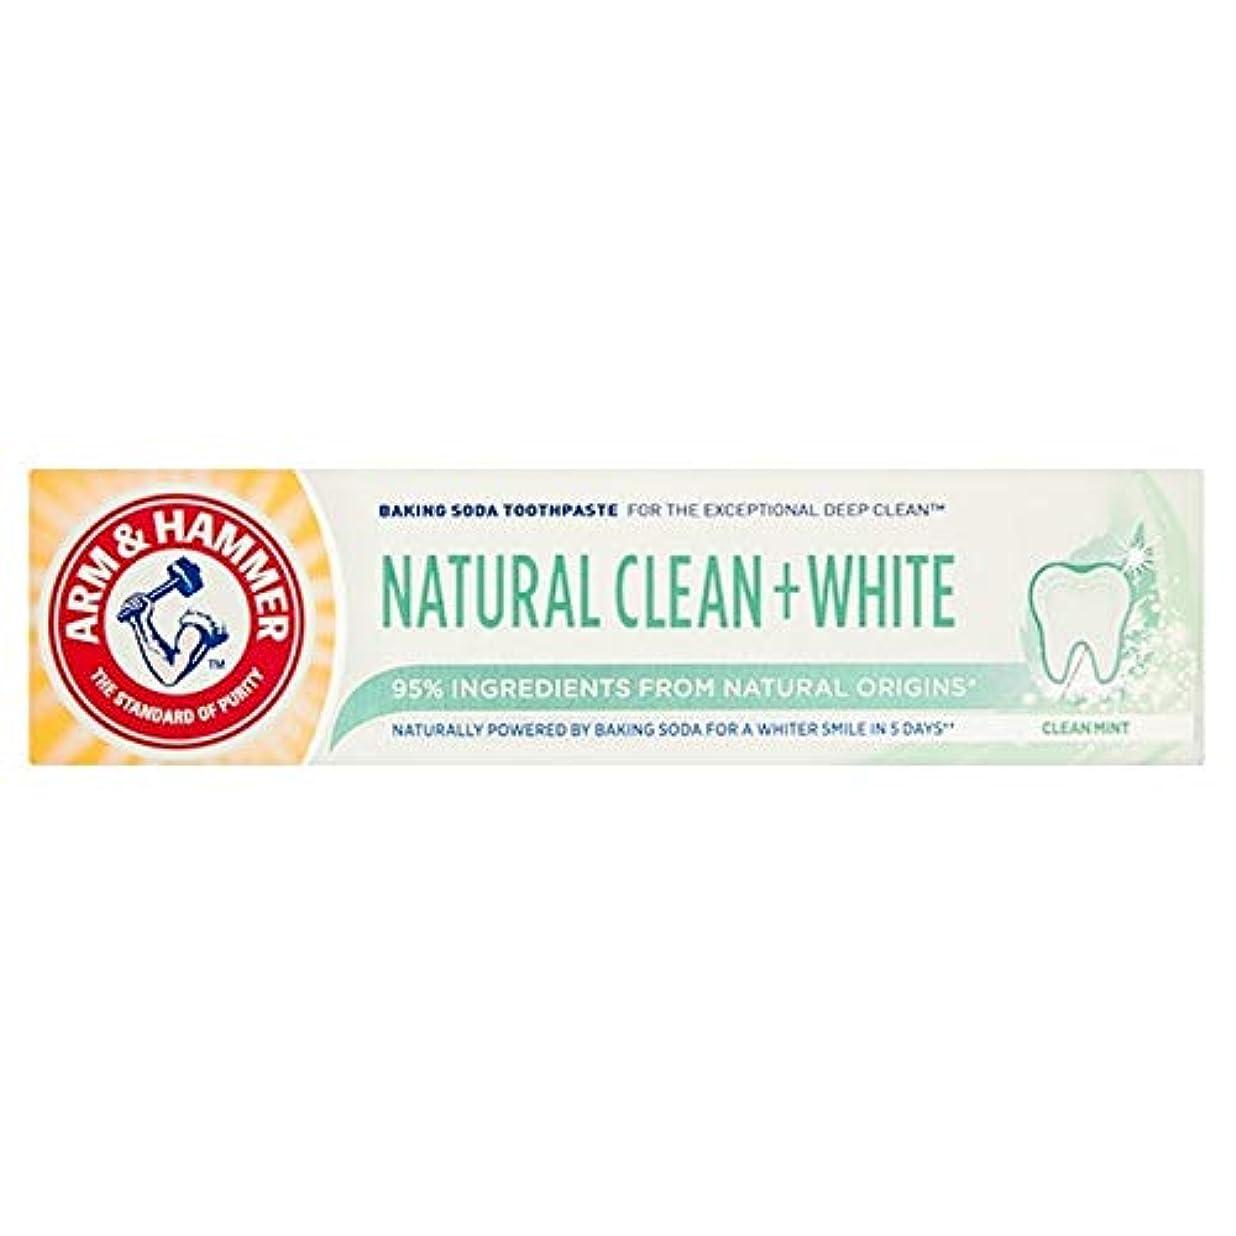 飲み込む区別失われた[Arm & Hammer ] アーム&ハンマーナチュラルクリーン+白75ミリリットル - Arm & Hammer Natural Clean + White 75ml [並行輸入品]